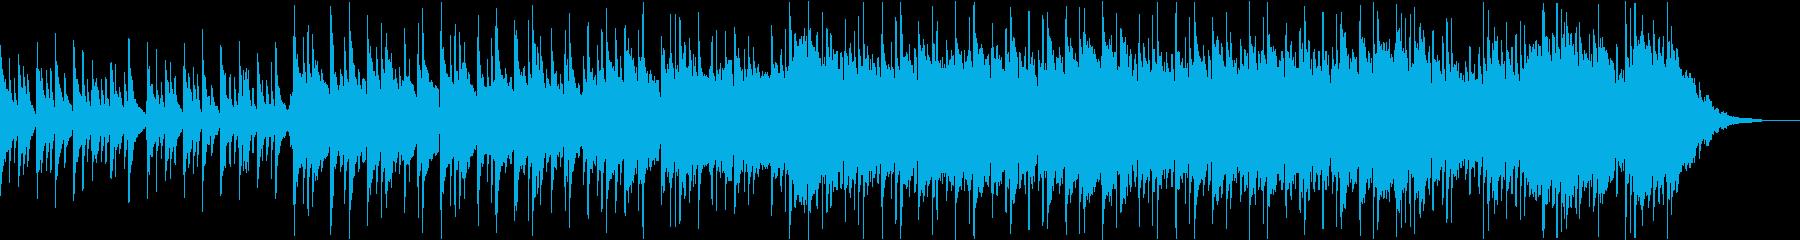 日本らしさが伝わる癒しの和風曲の再生済みの波形